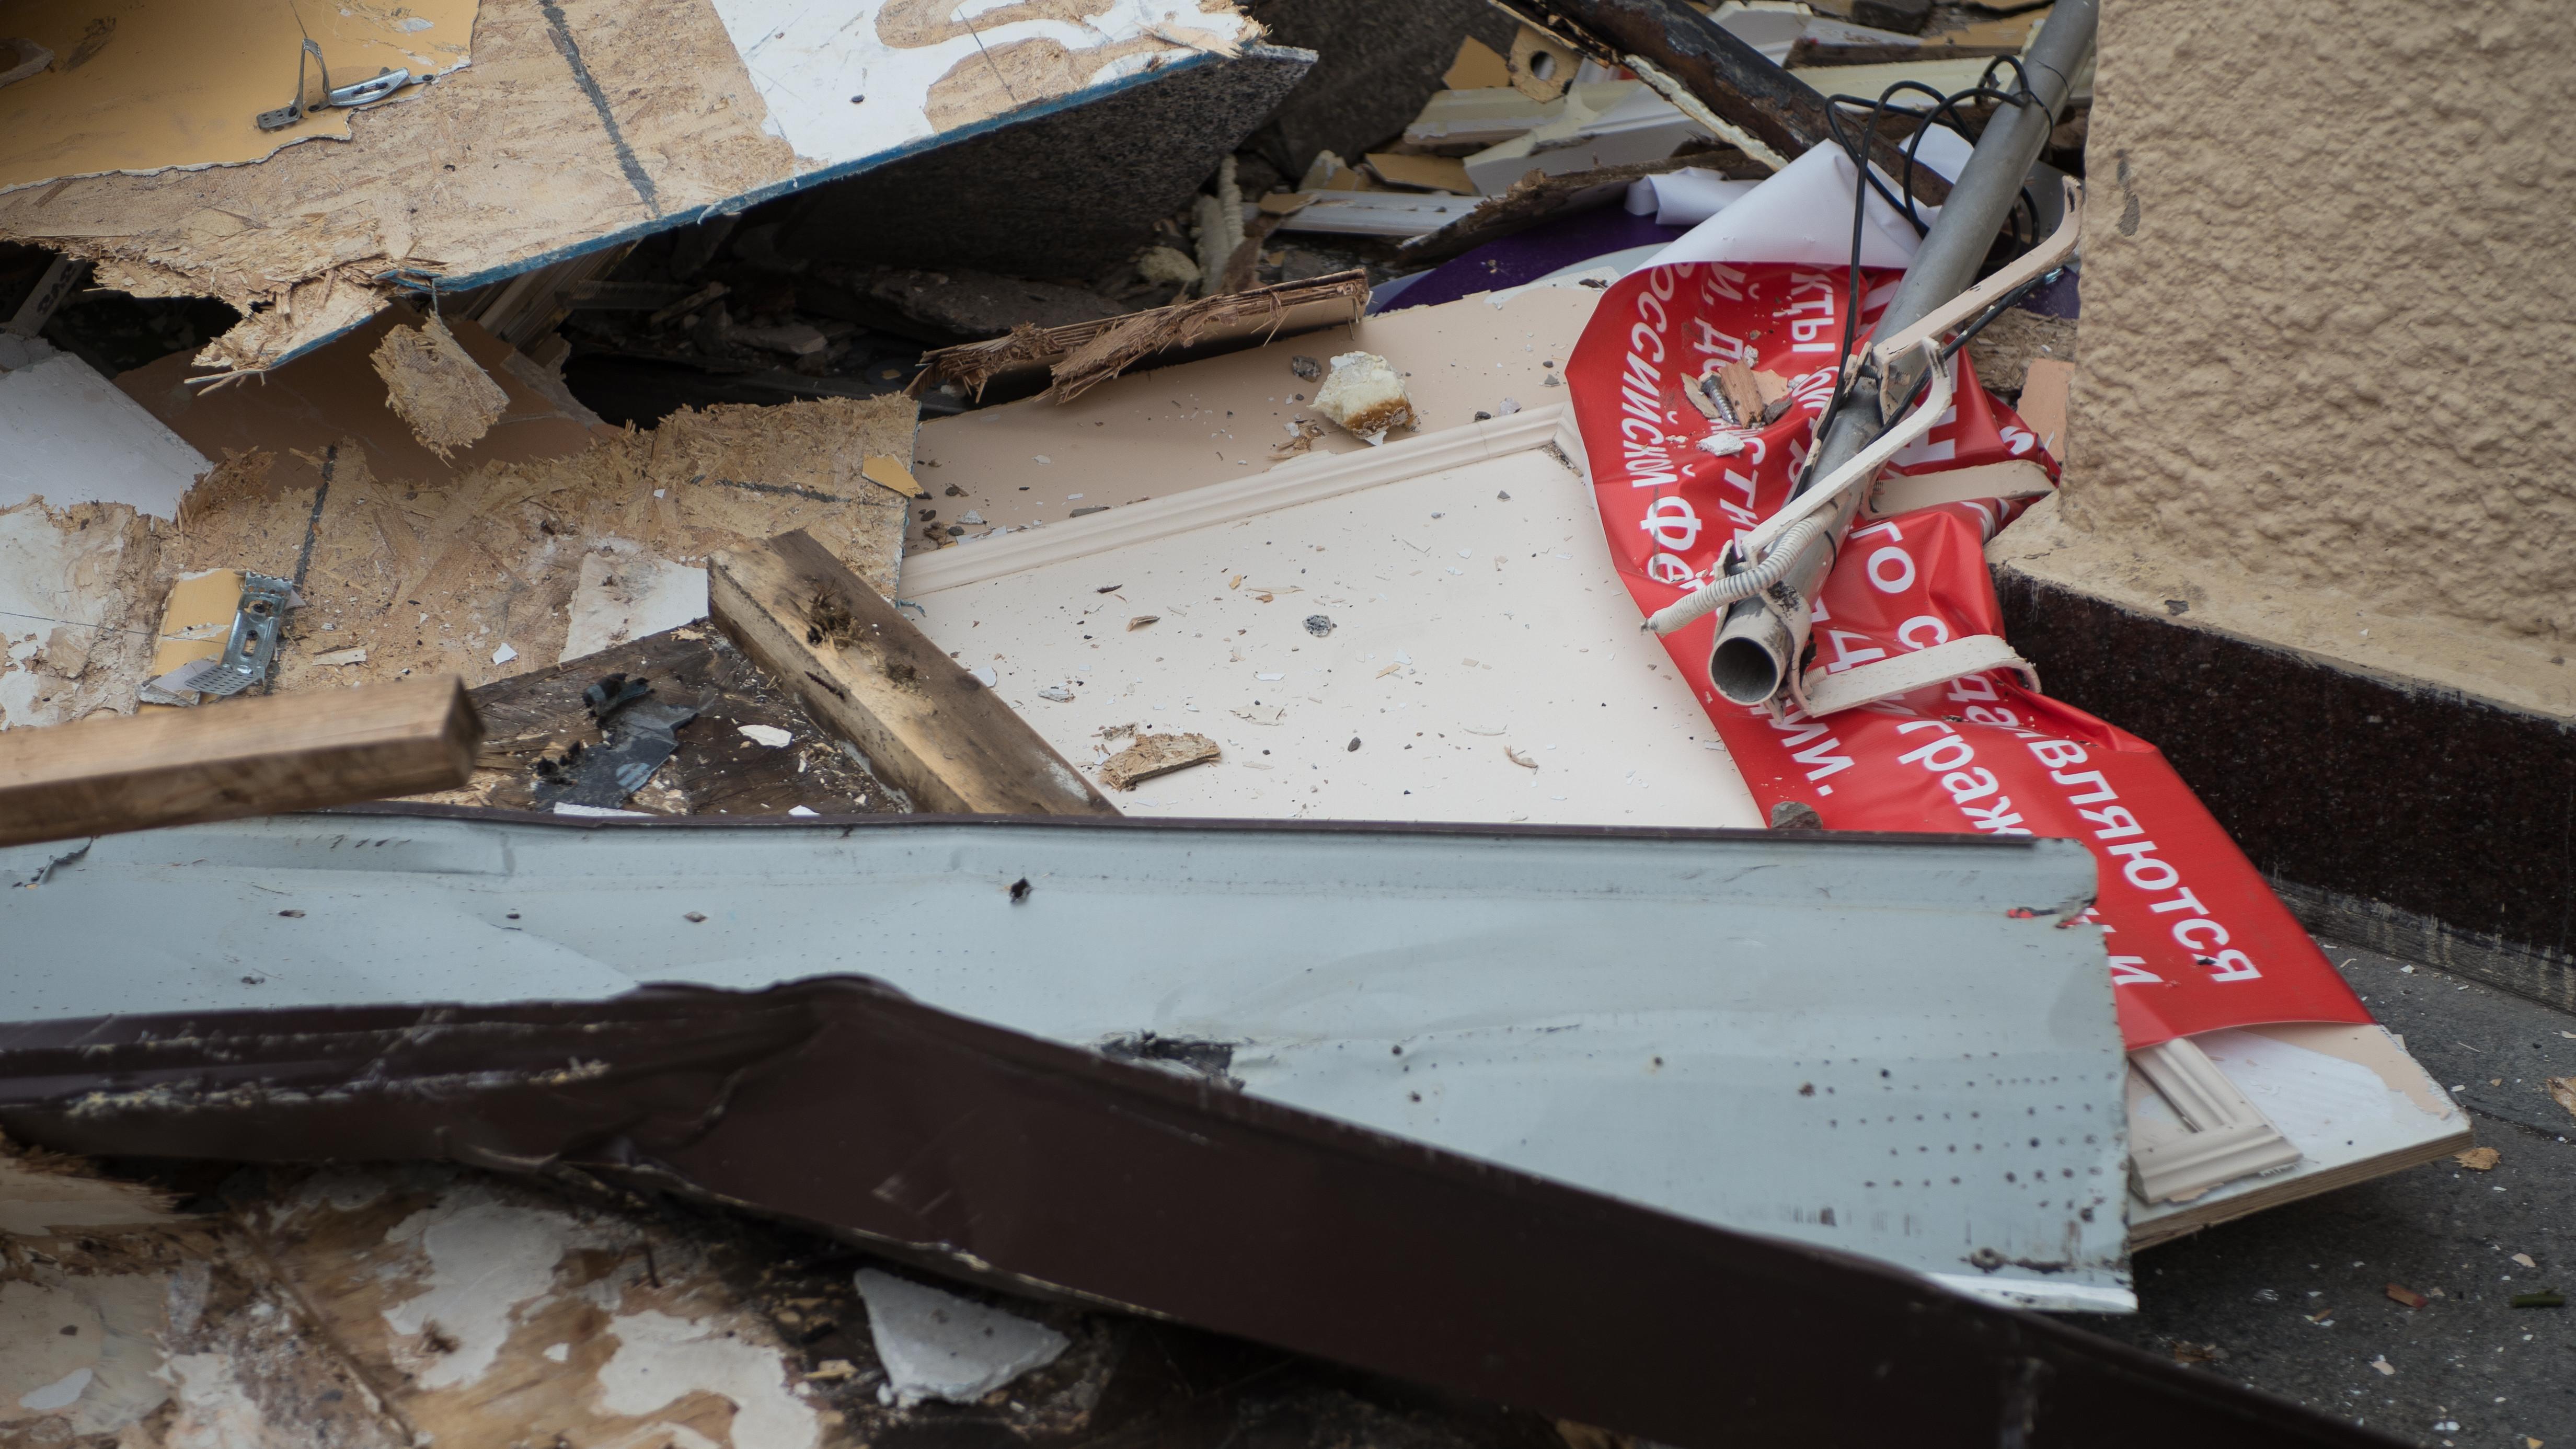 Свыше 1,2 тыс. сбросов строительного мусора на контейнерные площадки пресекли в Подмосковье